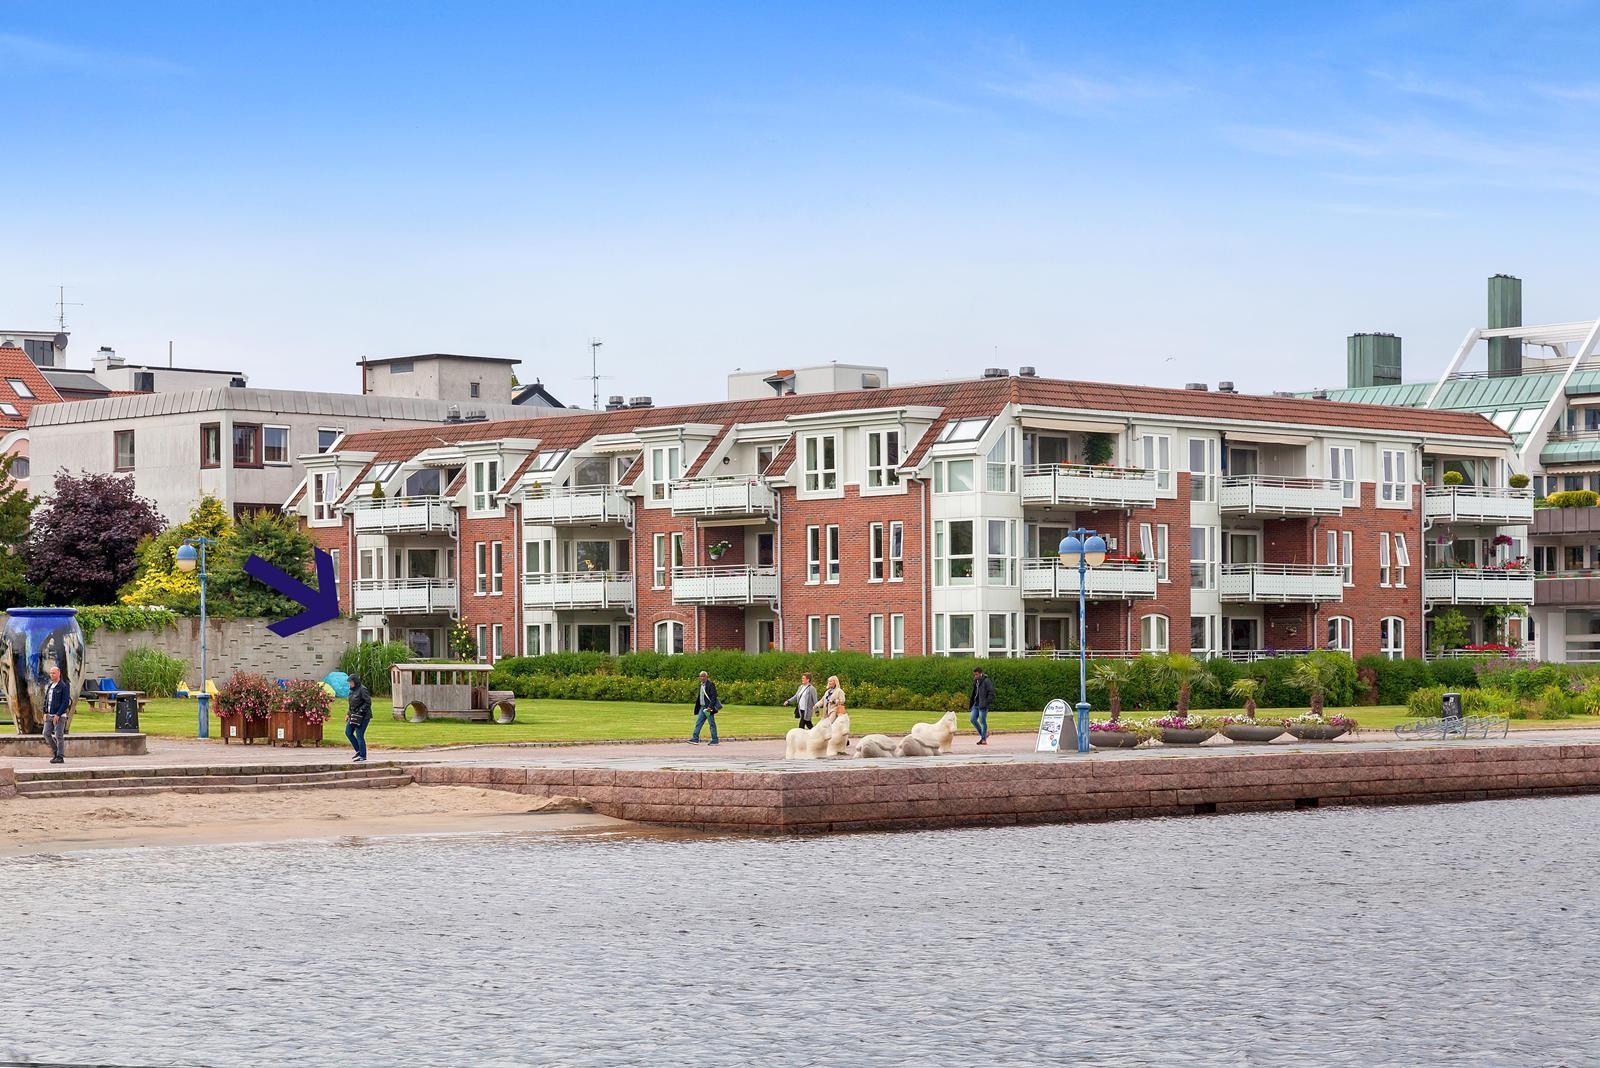 leiligheten-ligger-fint-til-rett-ved-markensgate-og-strandpromenaden